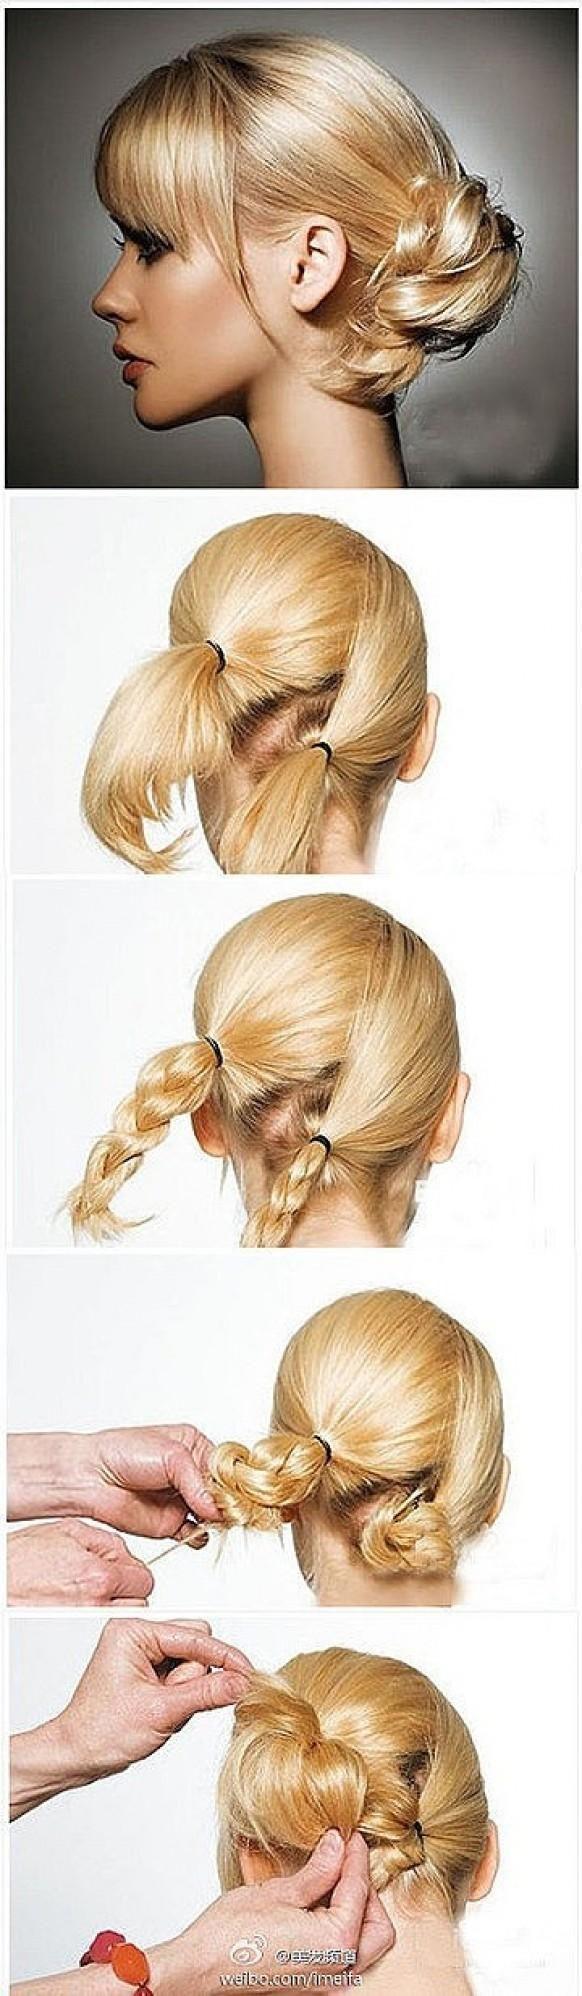 как собрать на ночь волосы